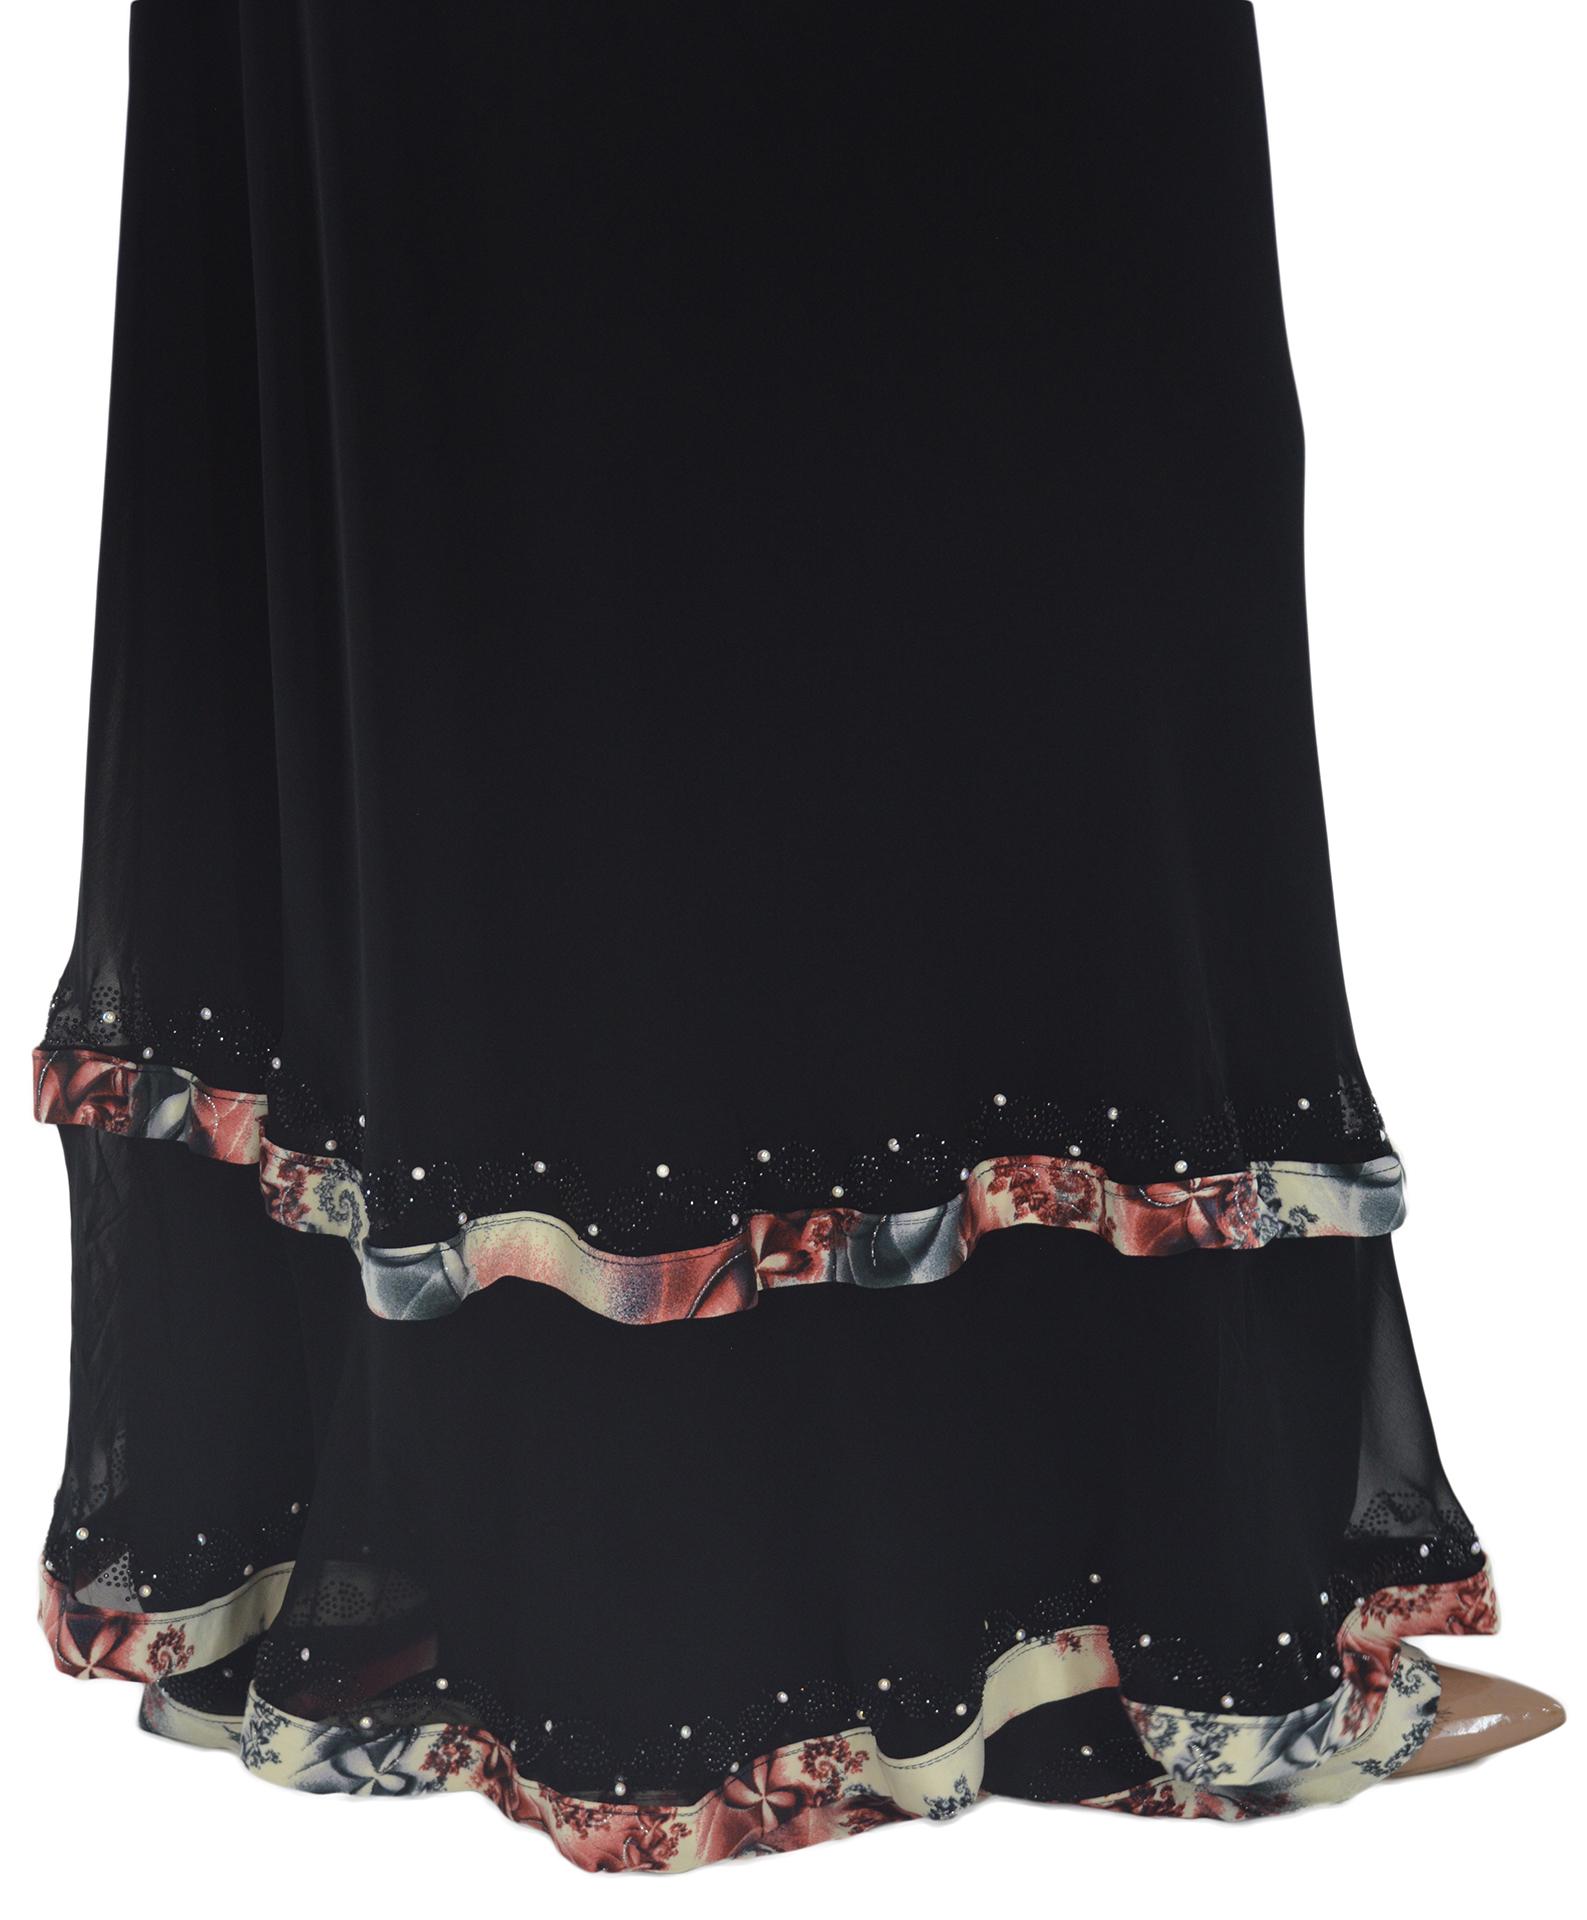 Nousha - Black and Tan Chic Abaya Close up 2